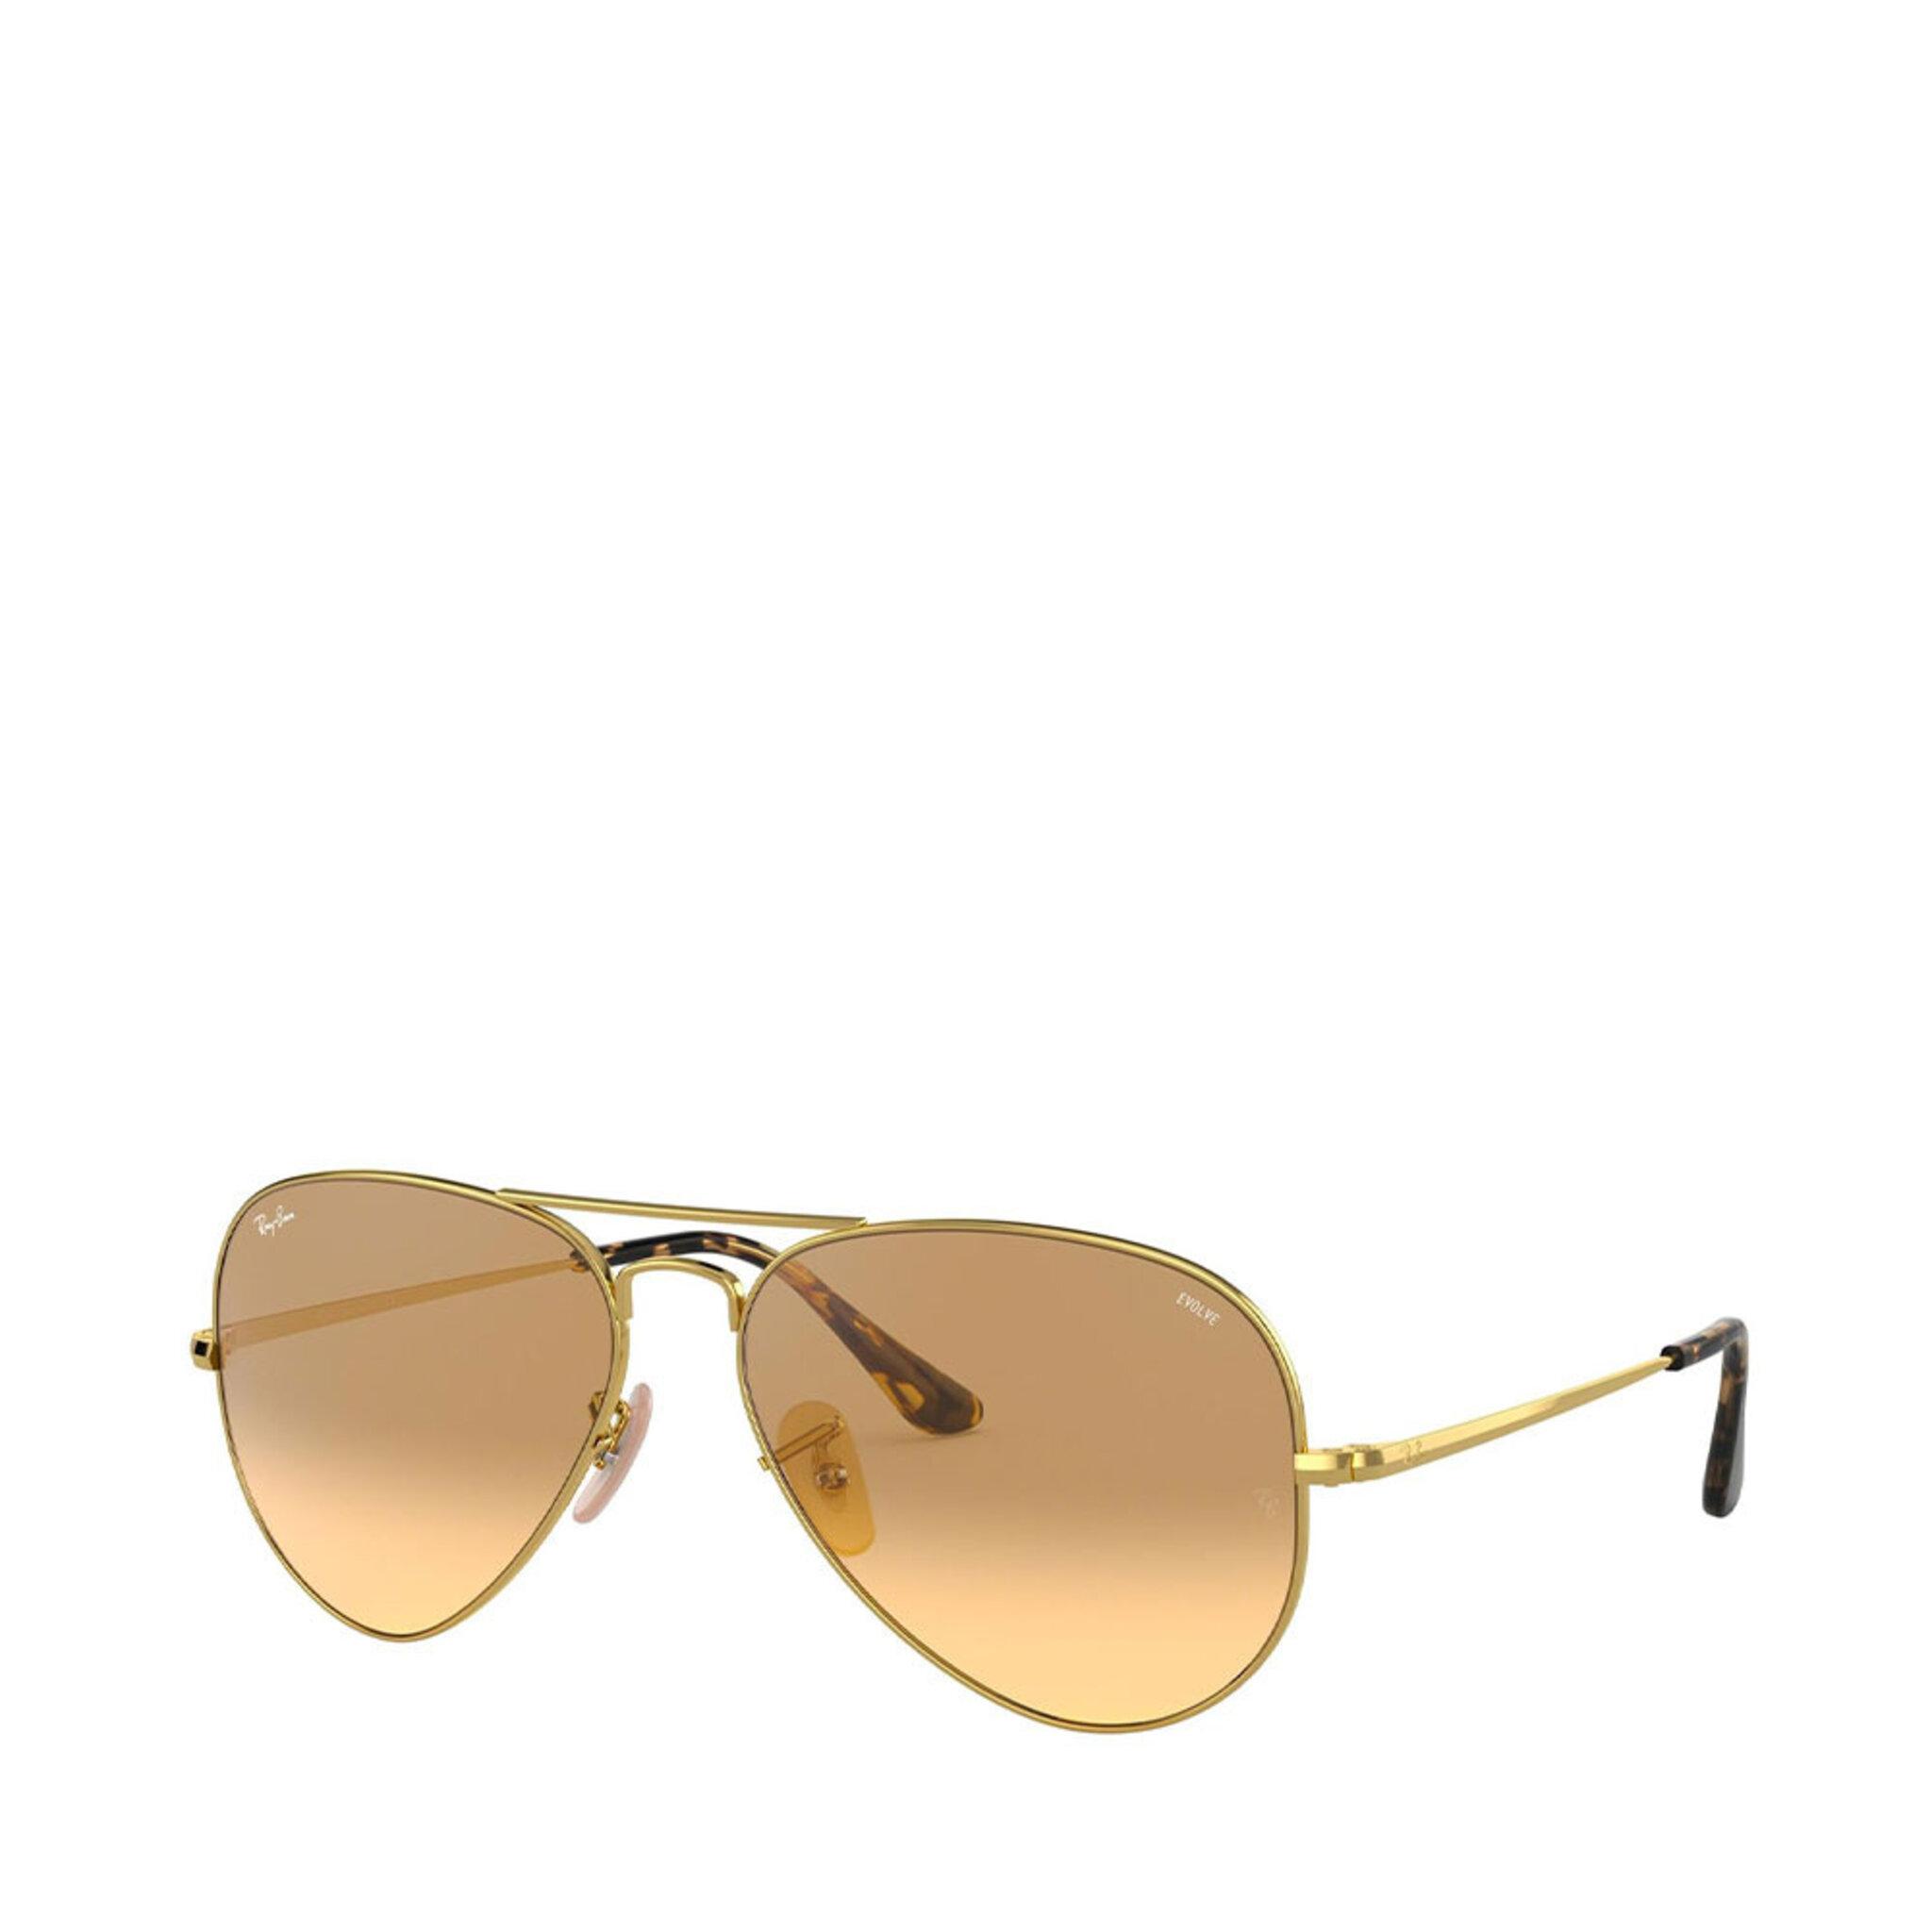 Solglasögon RB3689